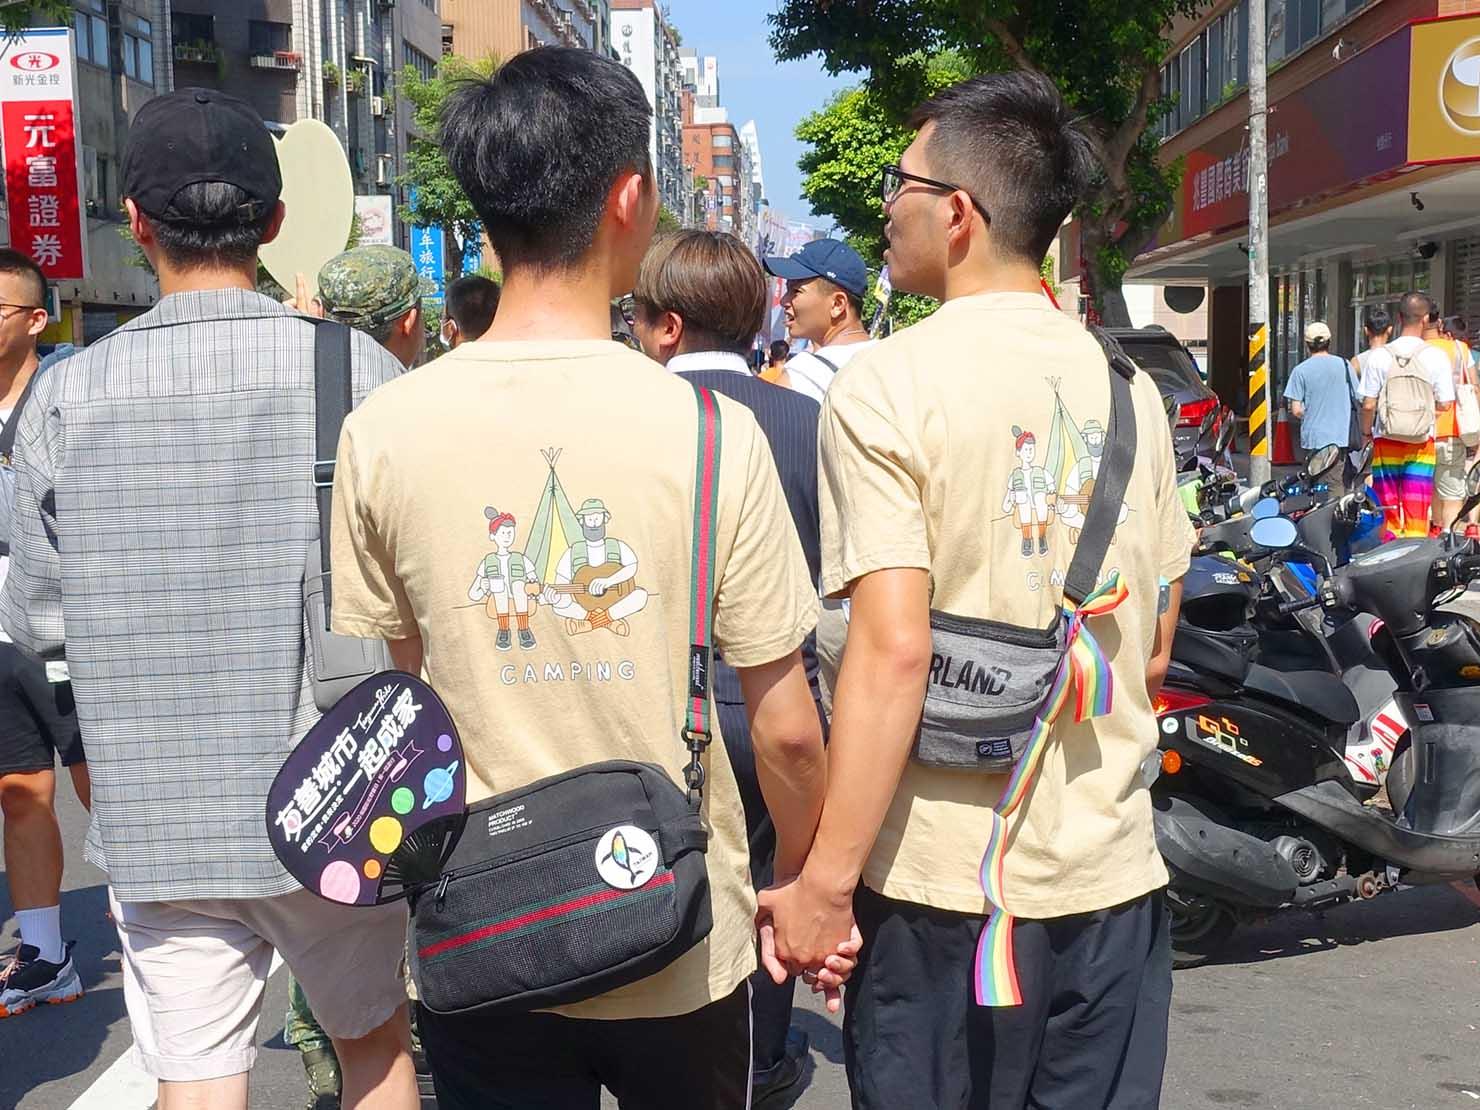 台湾・桃園のLGBTプライド「桃園彩虹野餐日」2020で手を繋いで歩くカップル